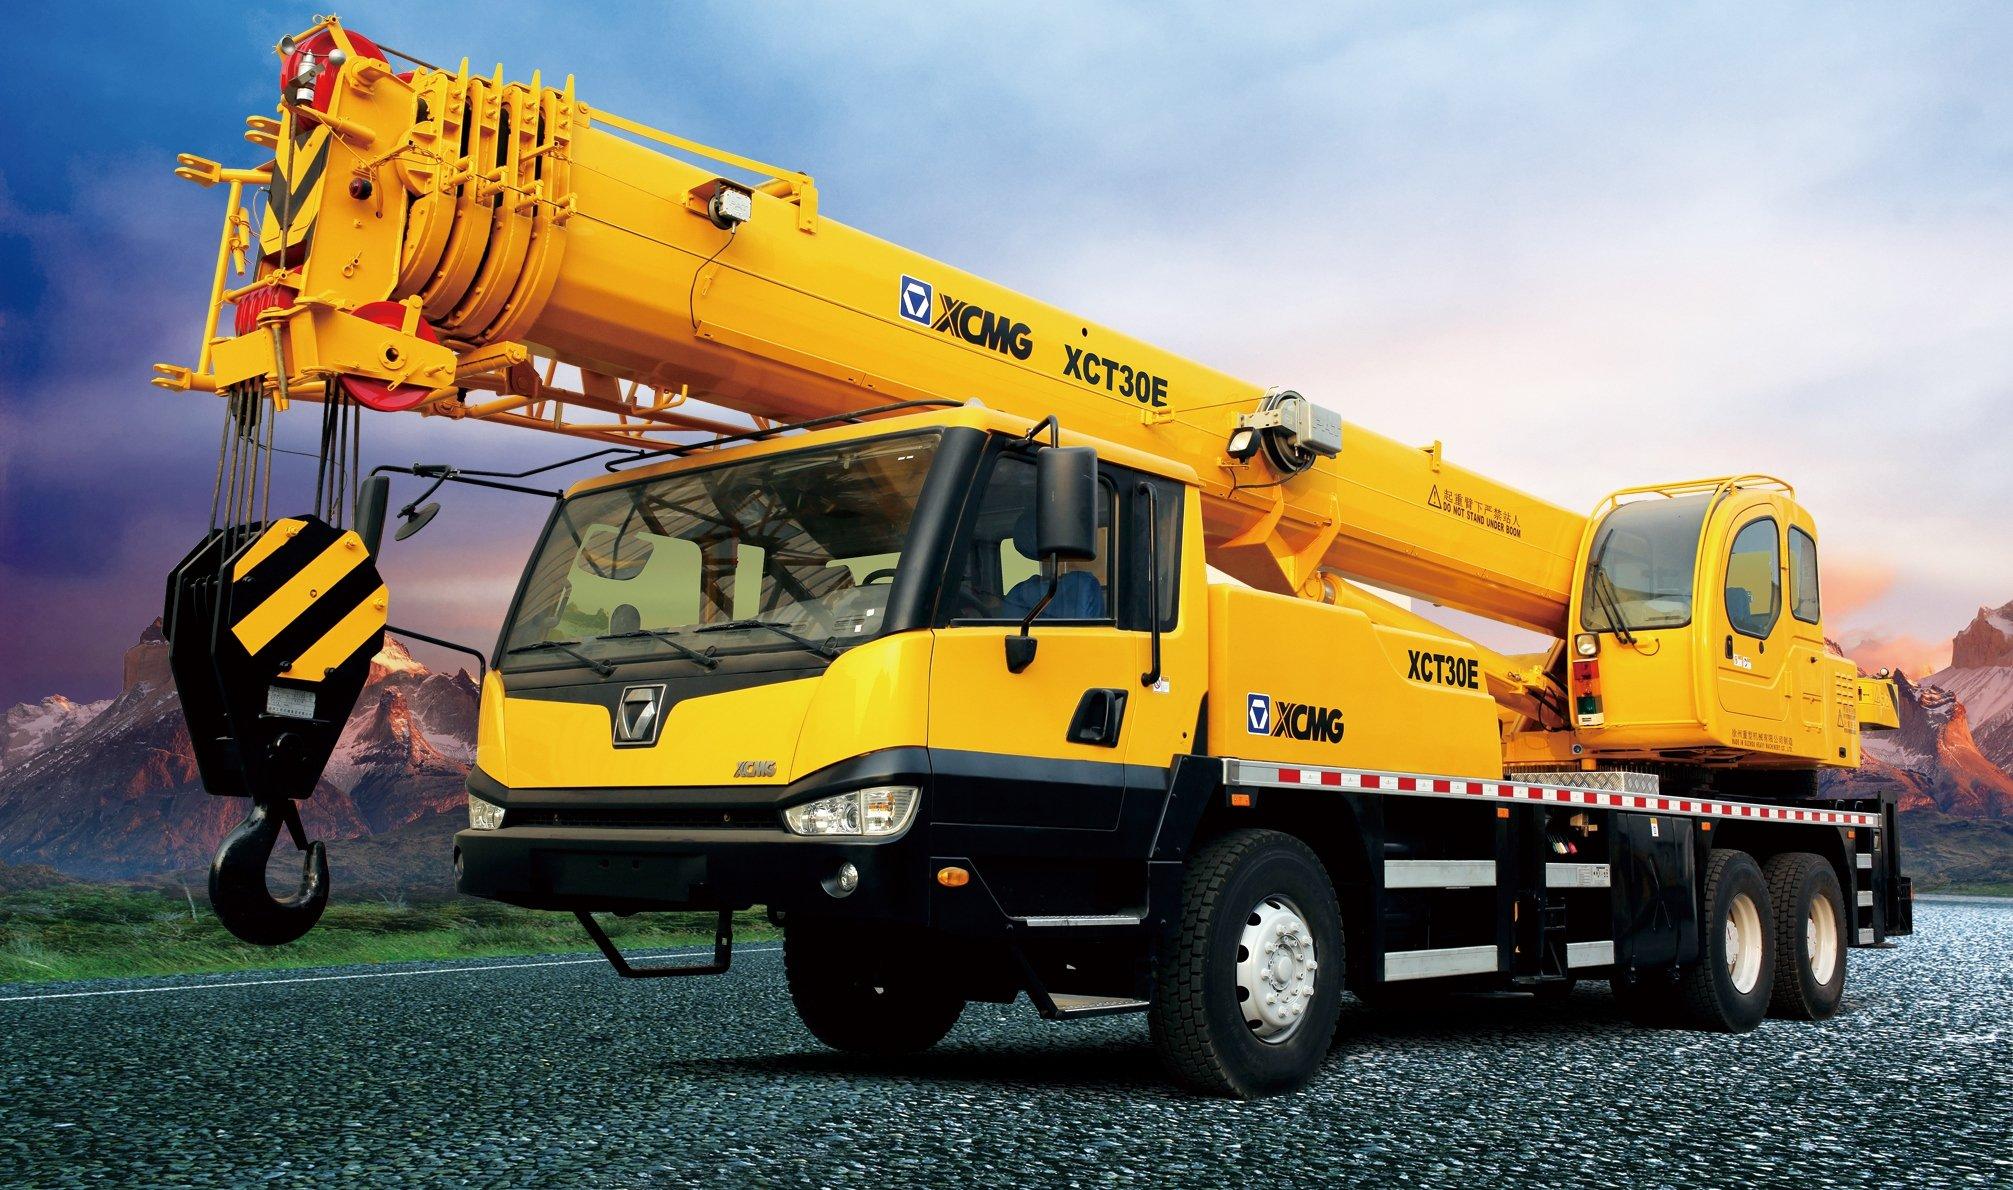 Mobile Crane Machine : Mobile crane construction truck semi tractor ariel cranes